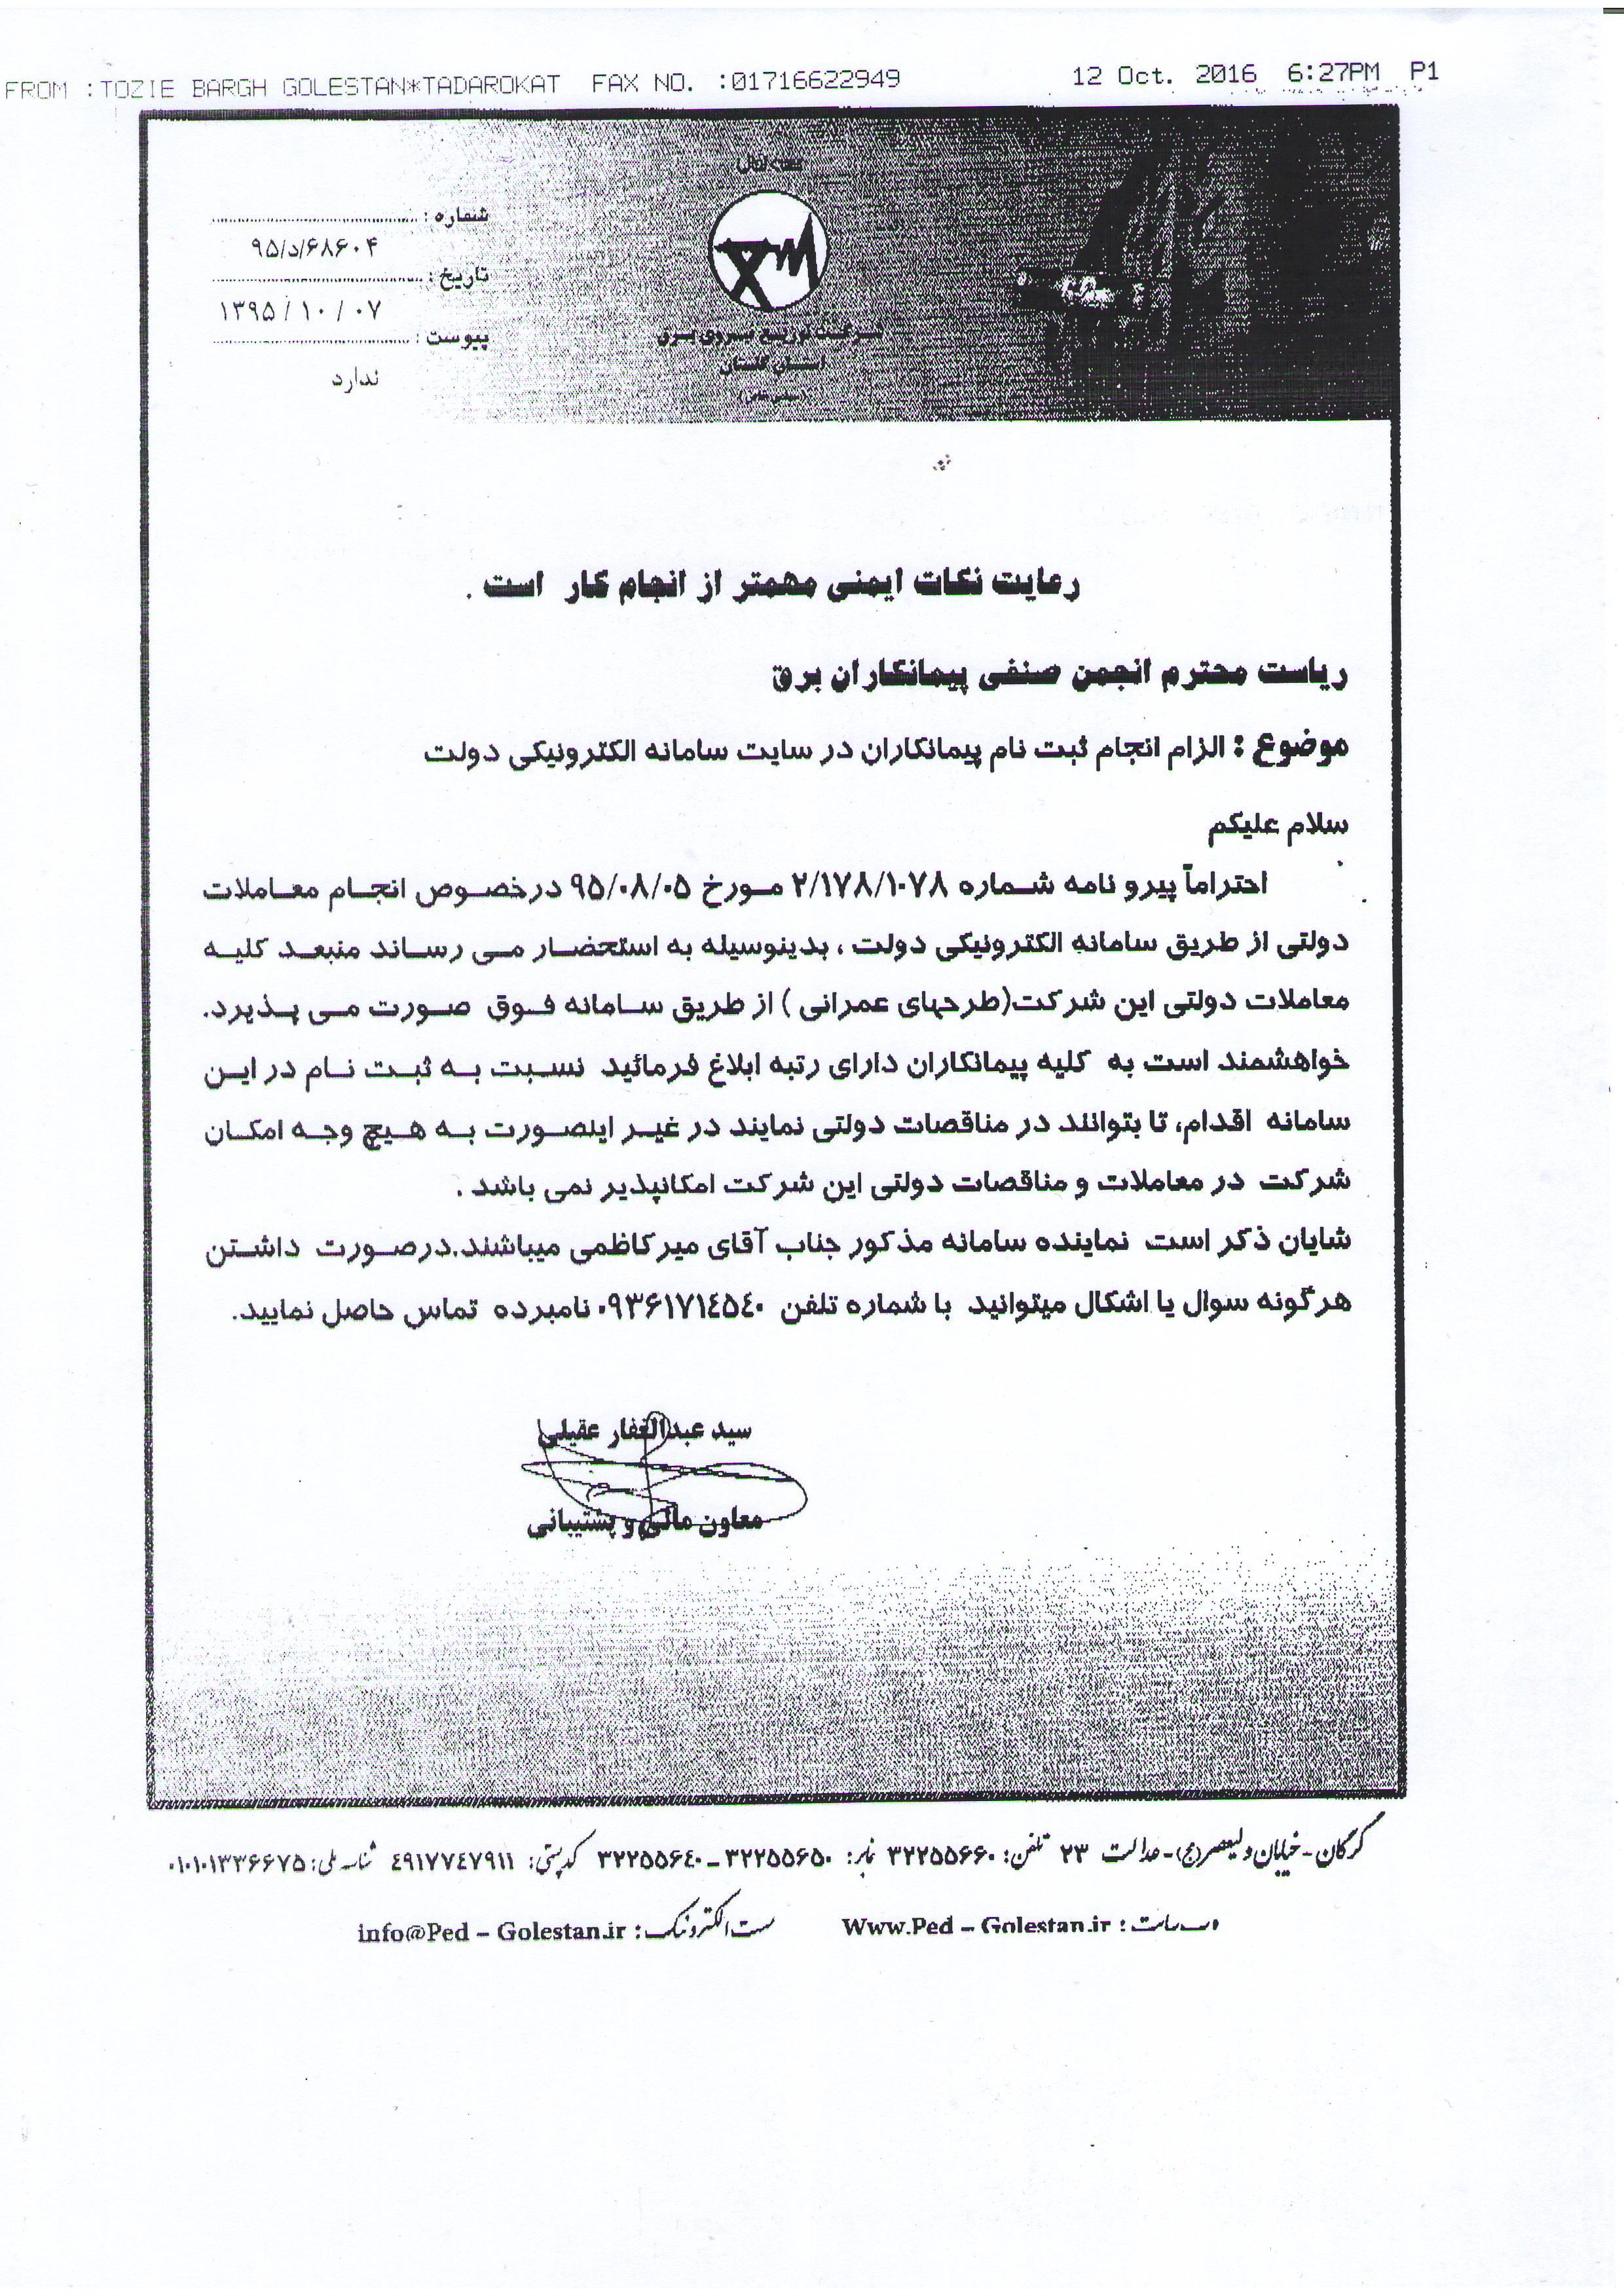 فراخوان ثبت نام در سامانه تدارکات الکترونیک دولت